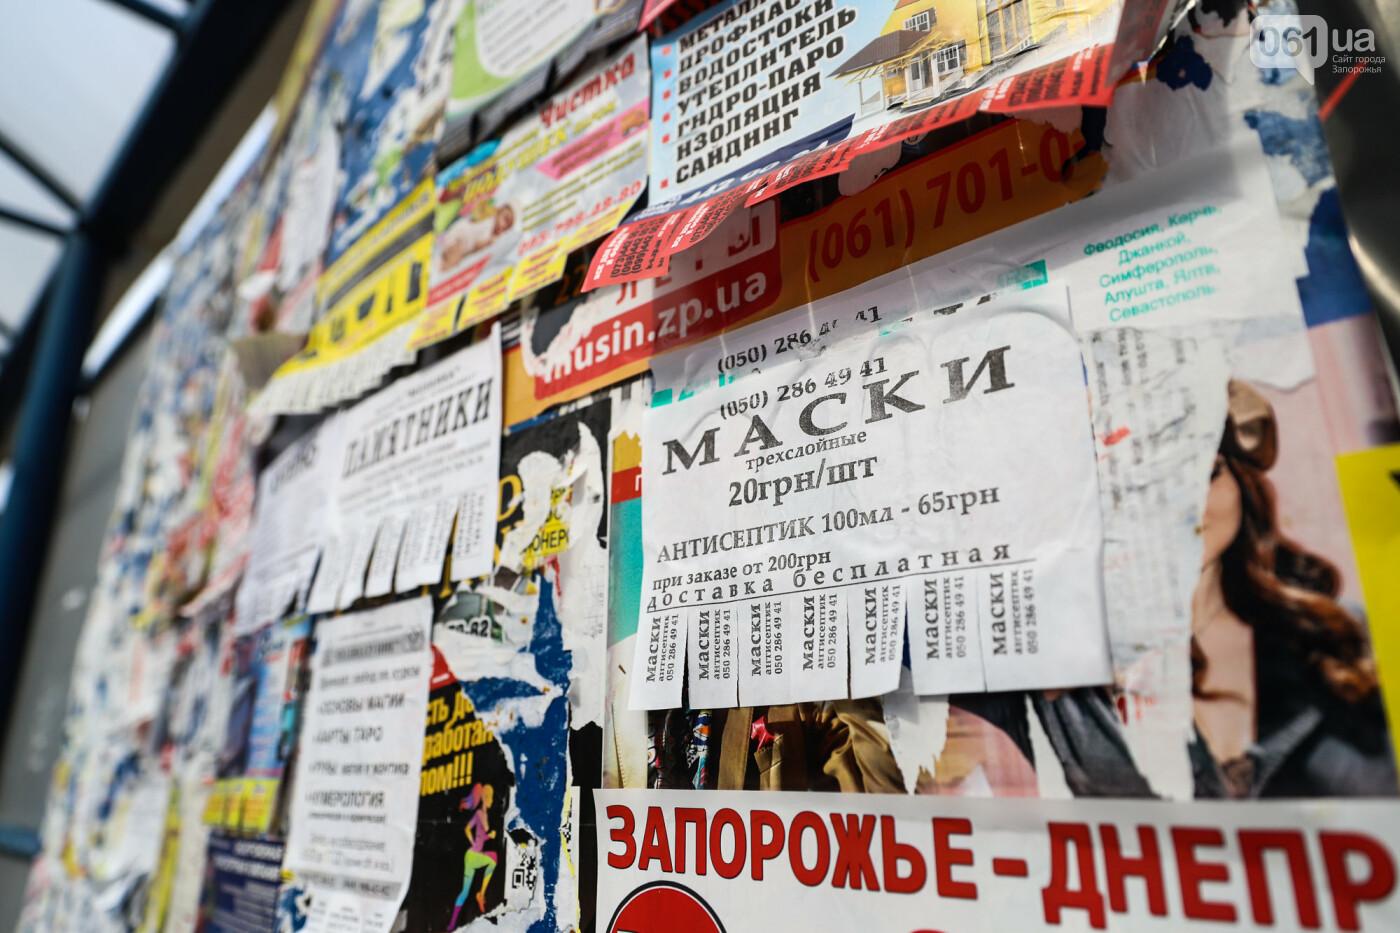 Вход только в масках: как выглядит Запорожье на карантине, - ФОТОРЕПОРТАЖ, фото-42